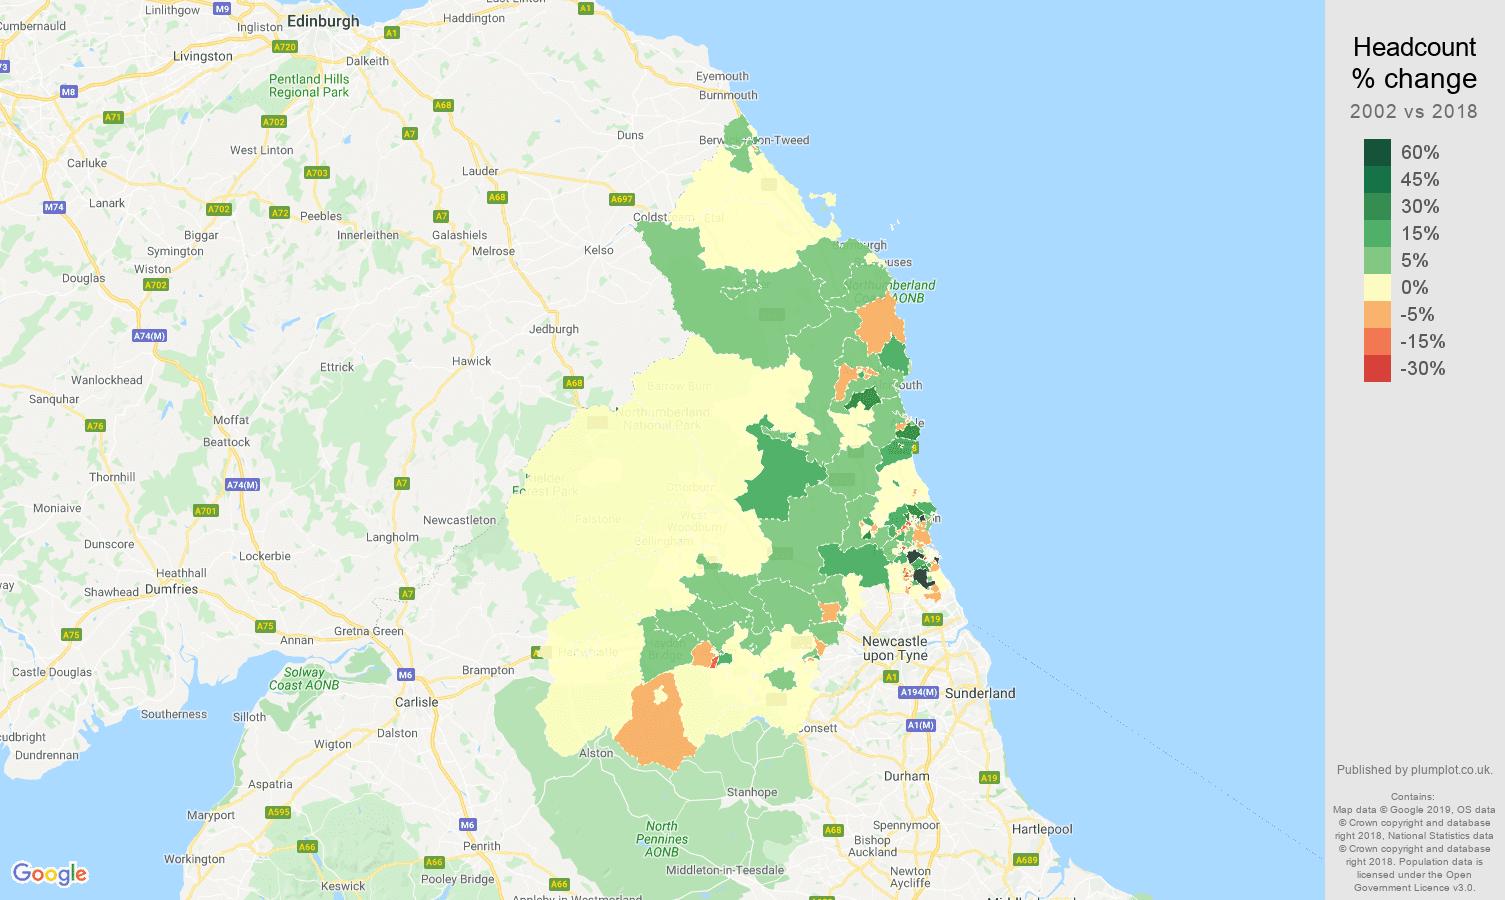 Northumberland headcount change map